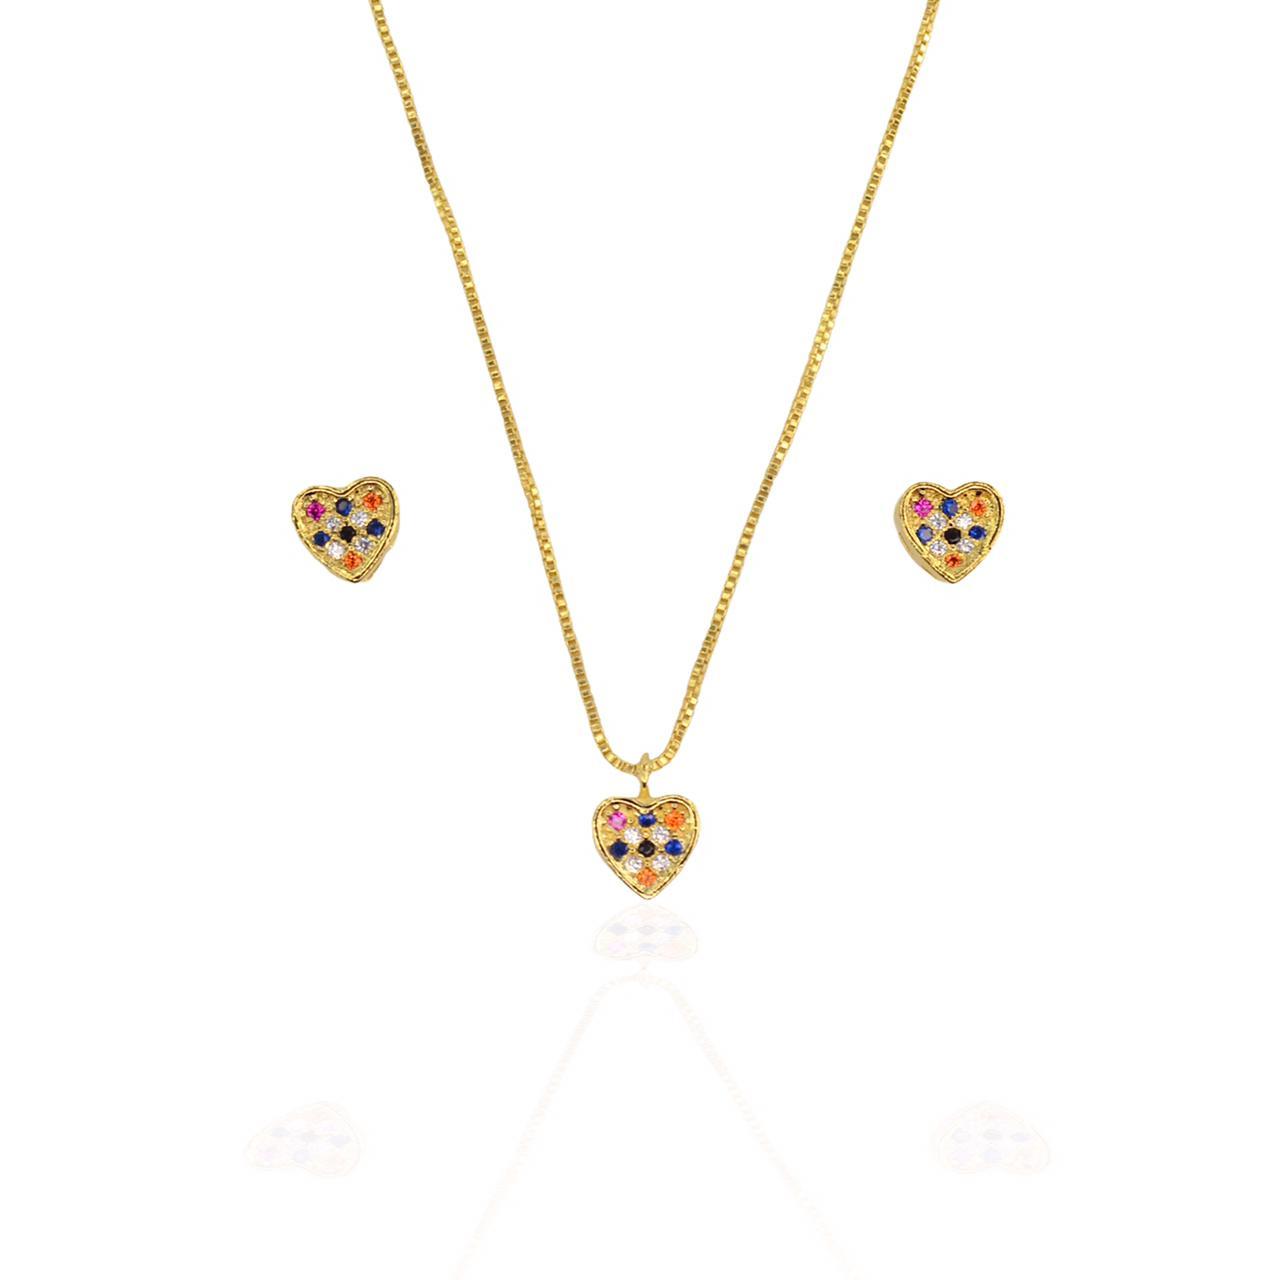 Conjunto colar e brinco coração com mini zircônias coloridas foleado a ouro 18K